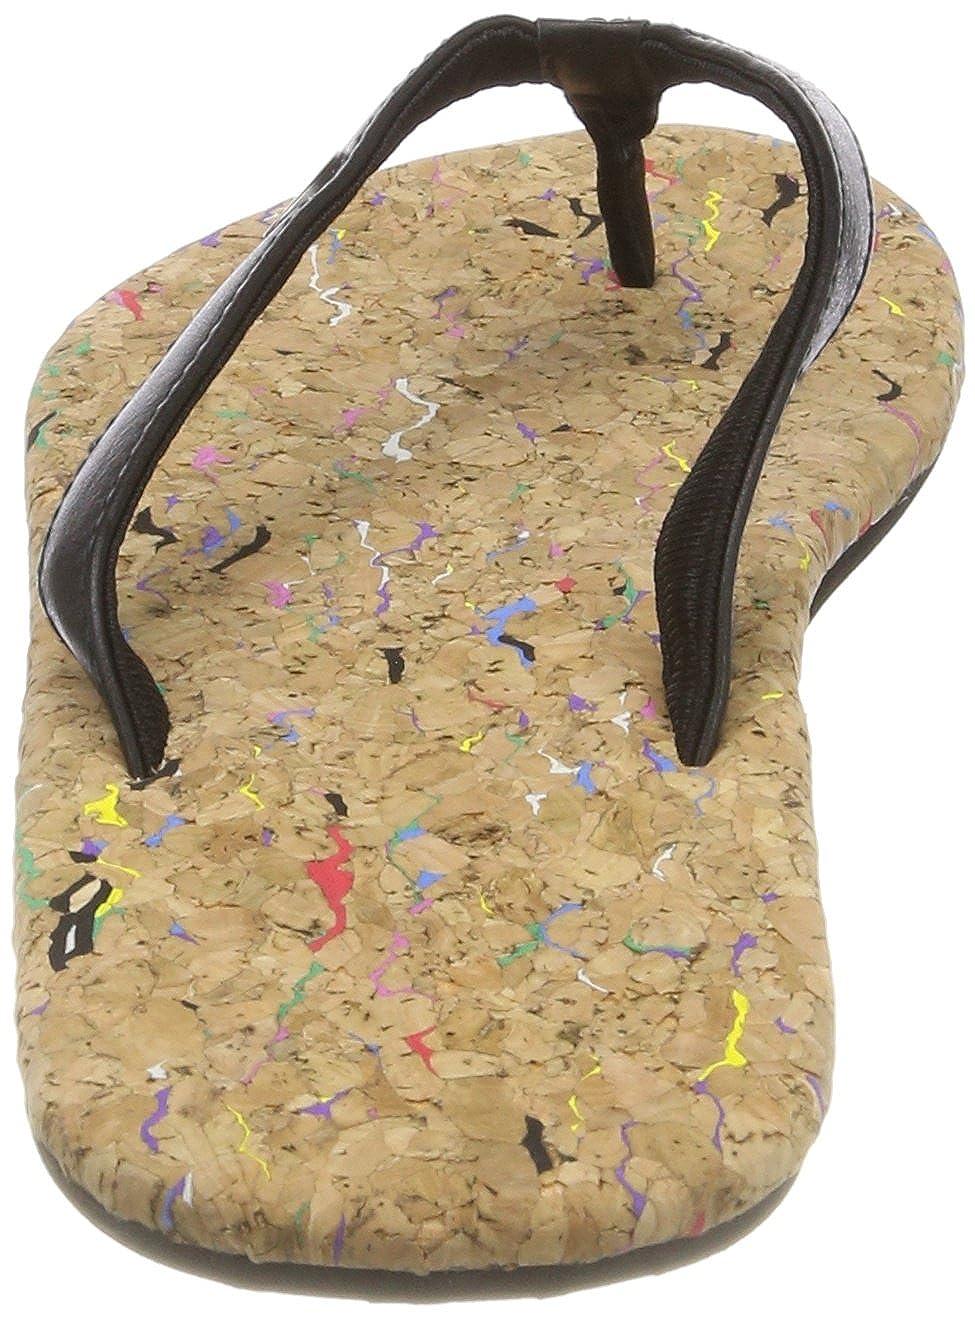 59e712dae3d O Neill Women s Fw Cork Bed Flip Flops  Amazon.co.uk  Shoes   Bags